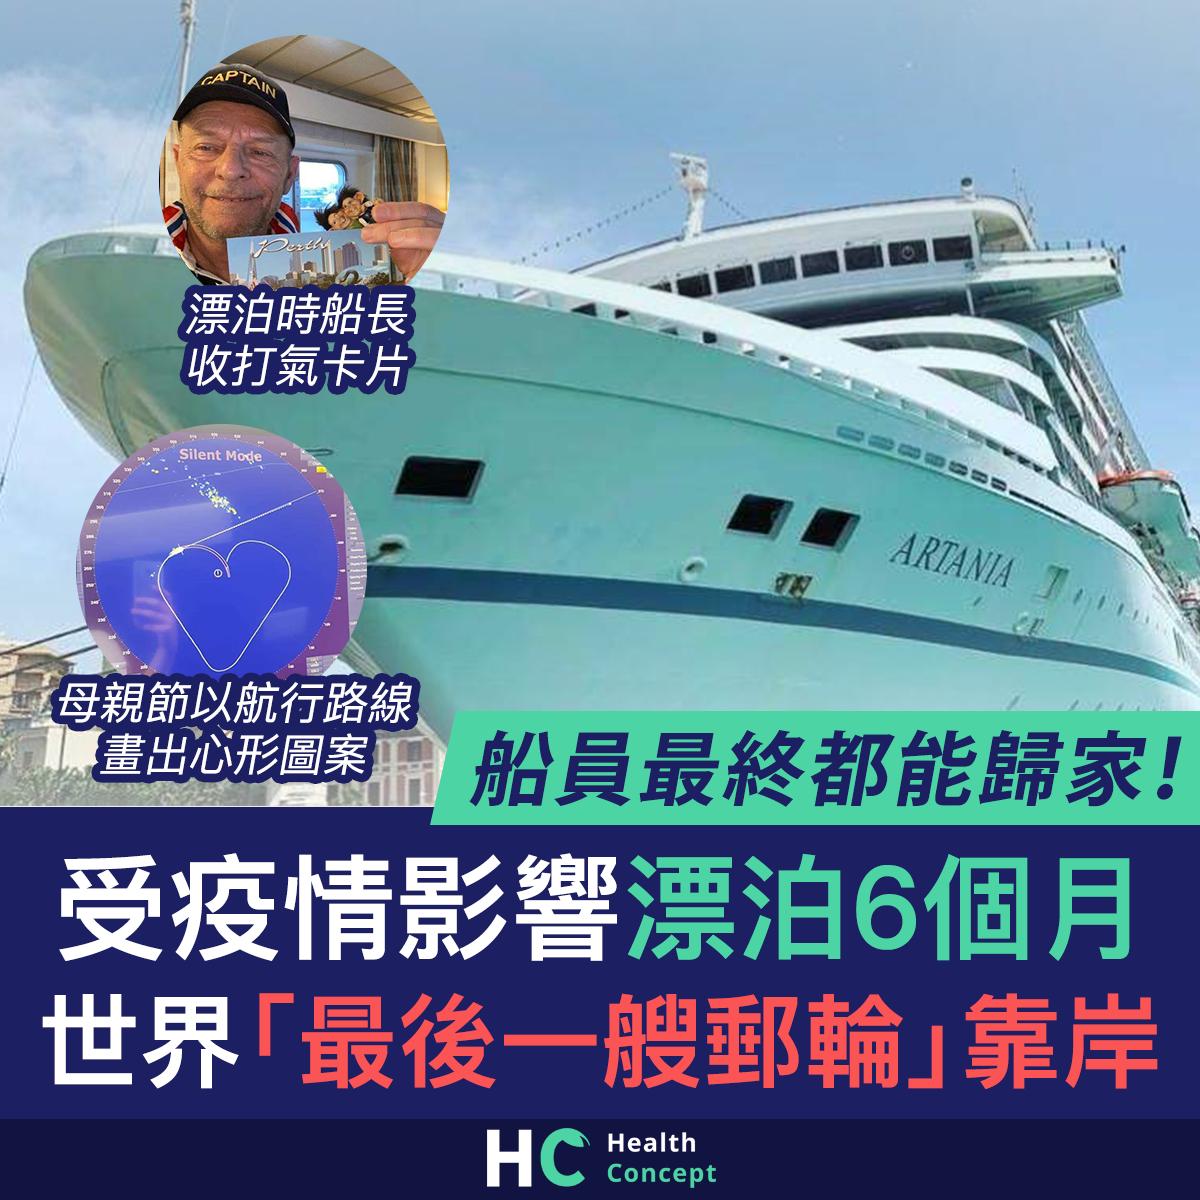 【#新型肺炎】受疫情影響漂泊6個月 世界「最後一艘郵輪」靠岸